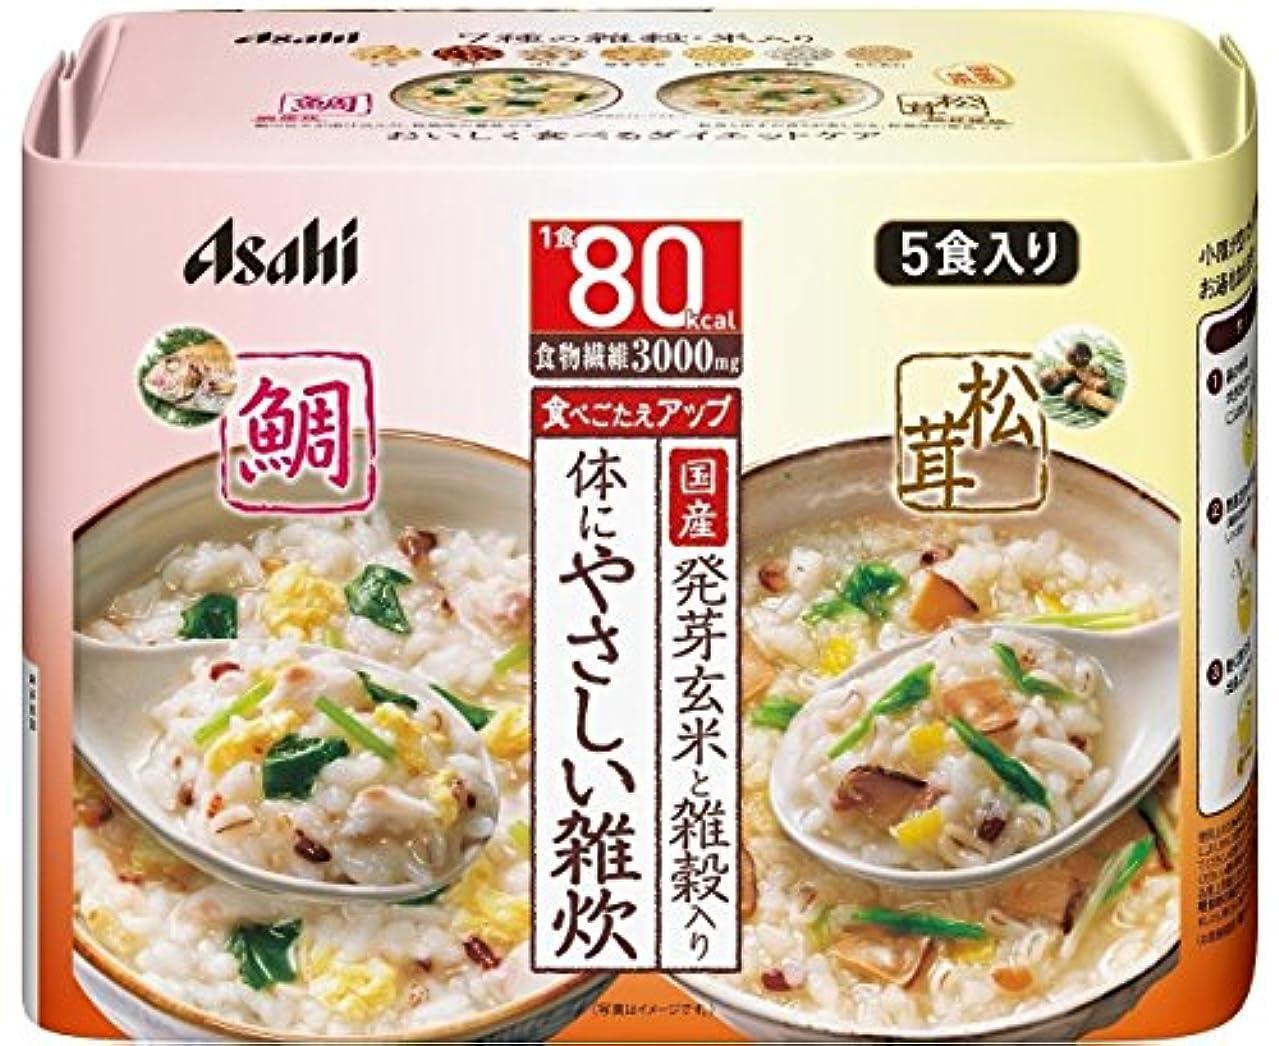 故障罰する飼い慣らすアサヒグループ食品 リセットボディ 体にやさしい鯛&松茸雑炊 5食